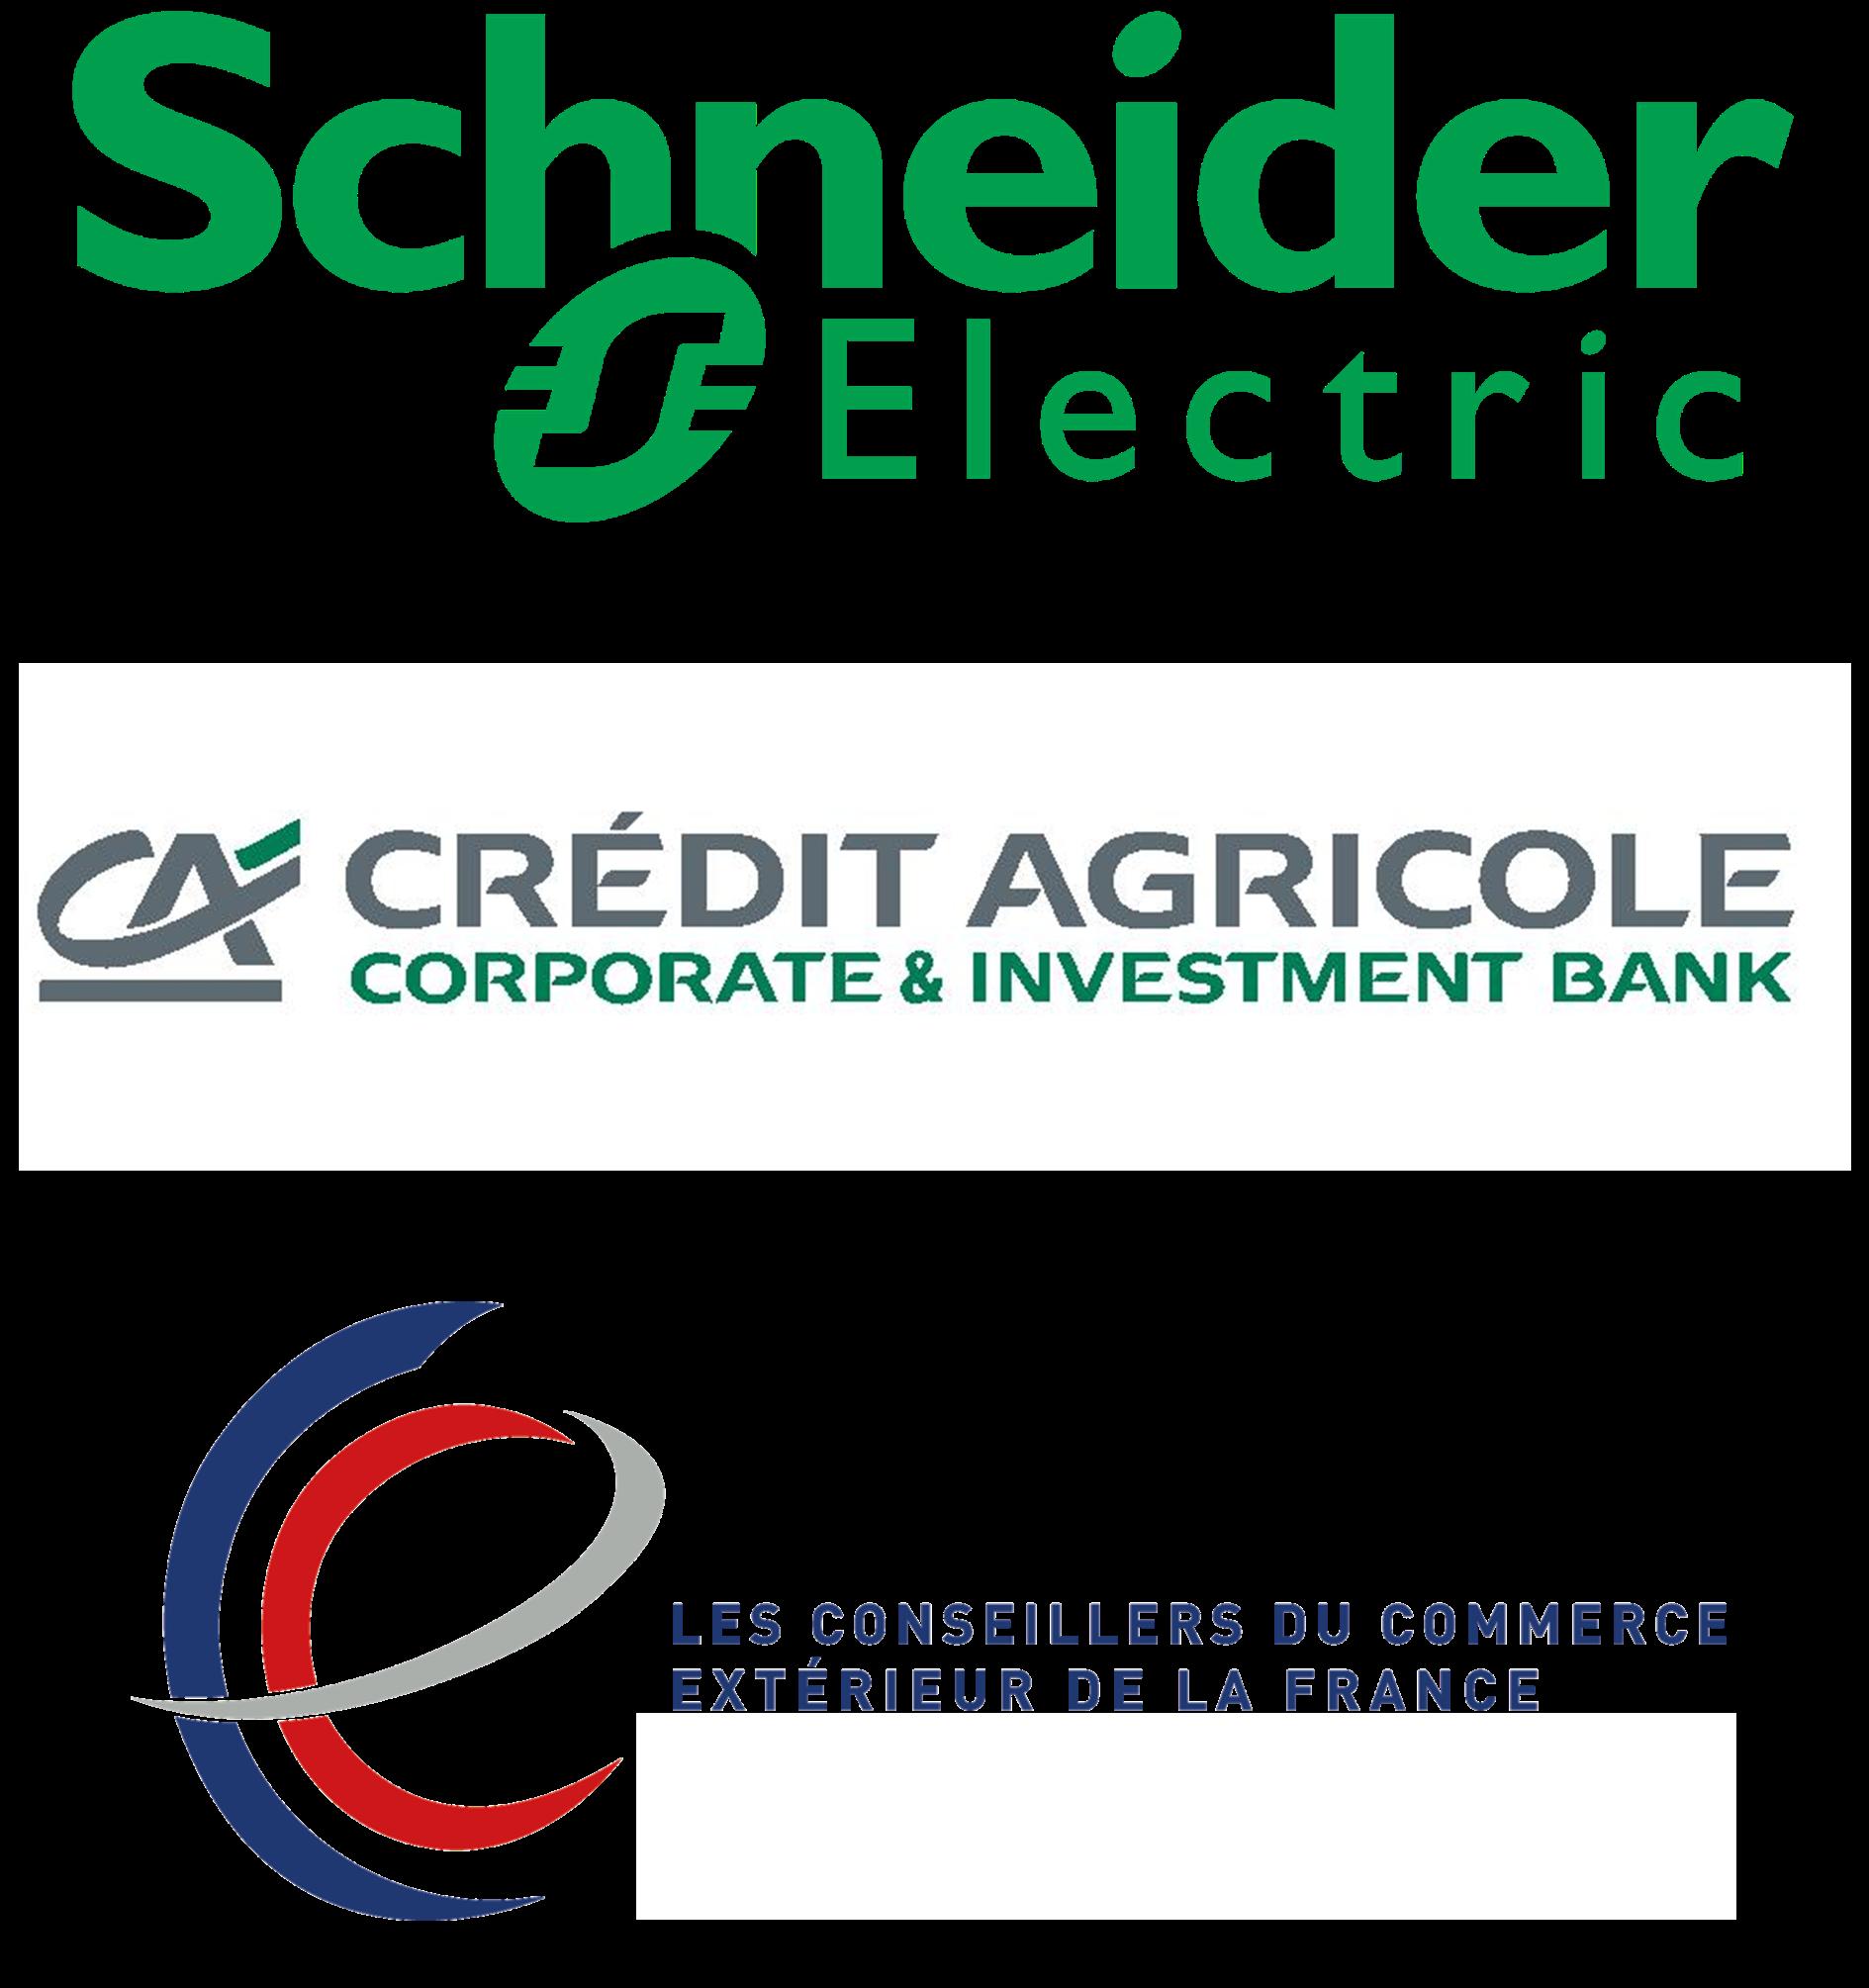 Sponsors : Schneider Electric, Credit Agricole Corporate and Investment Bank, Conseillers du Commerce Exterieur de la France